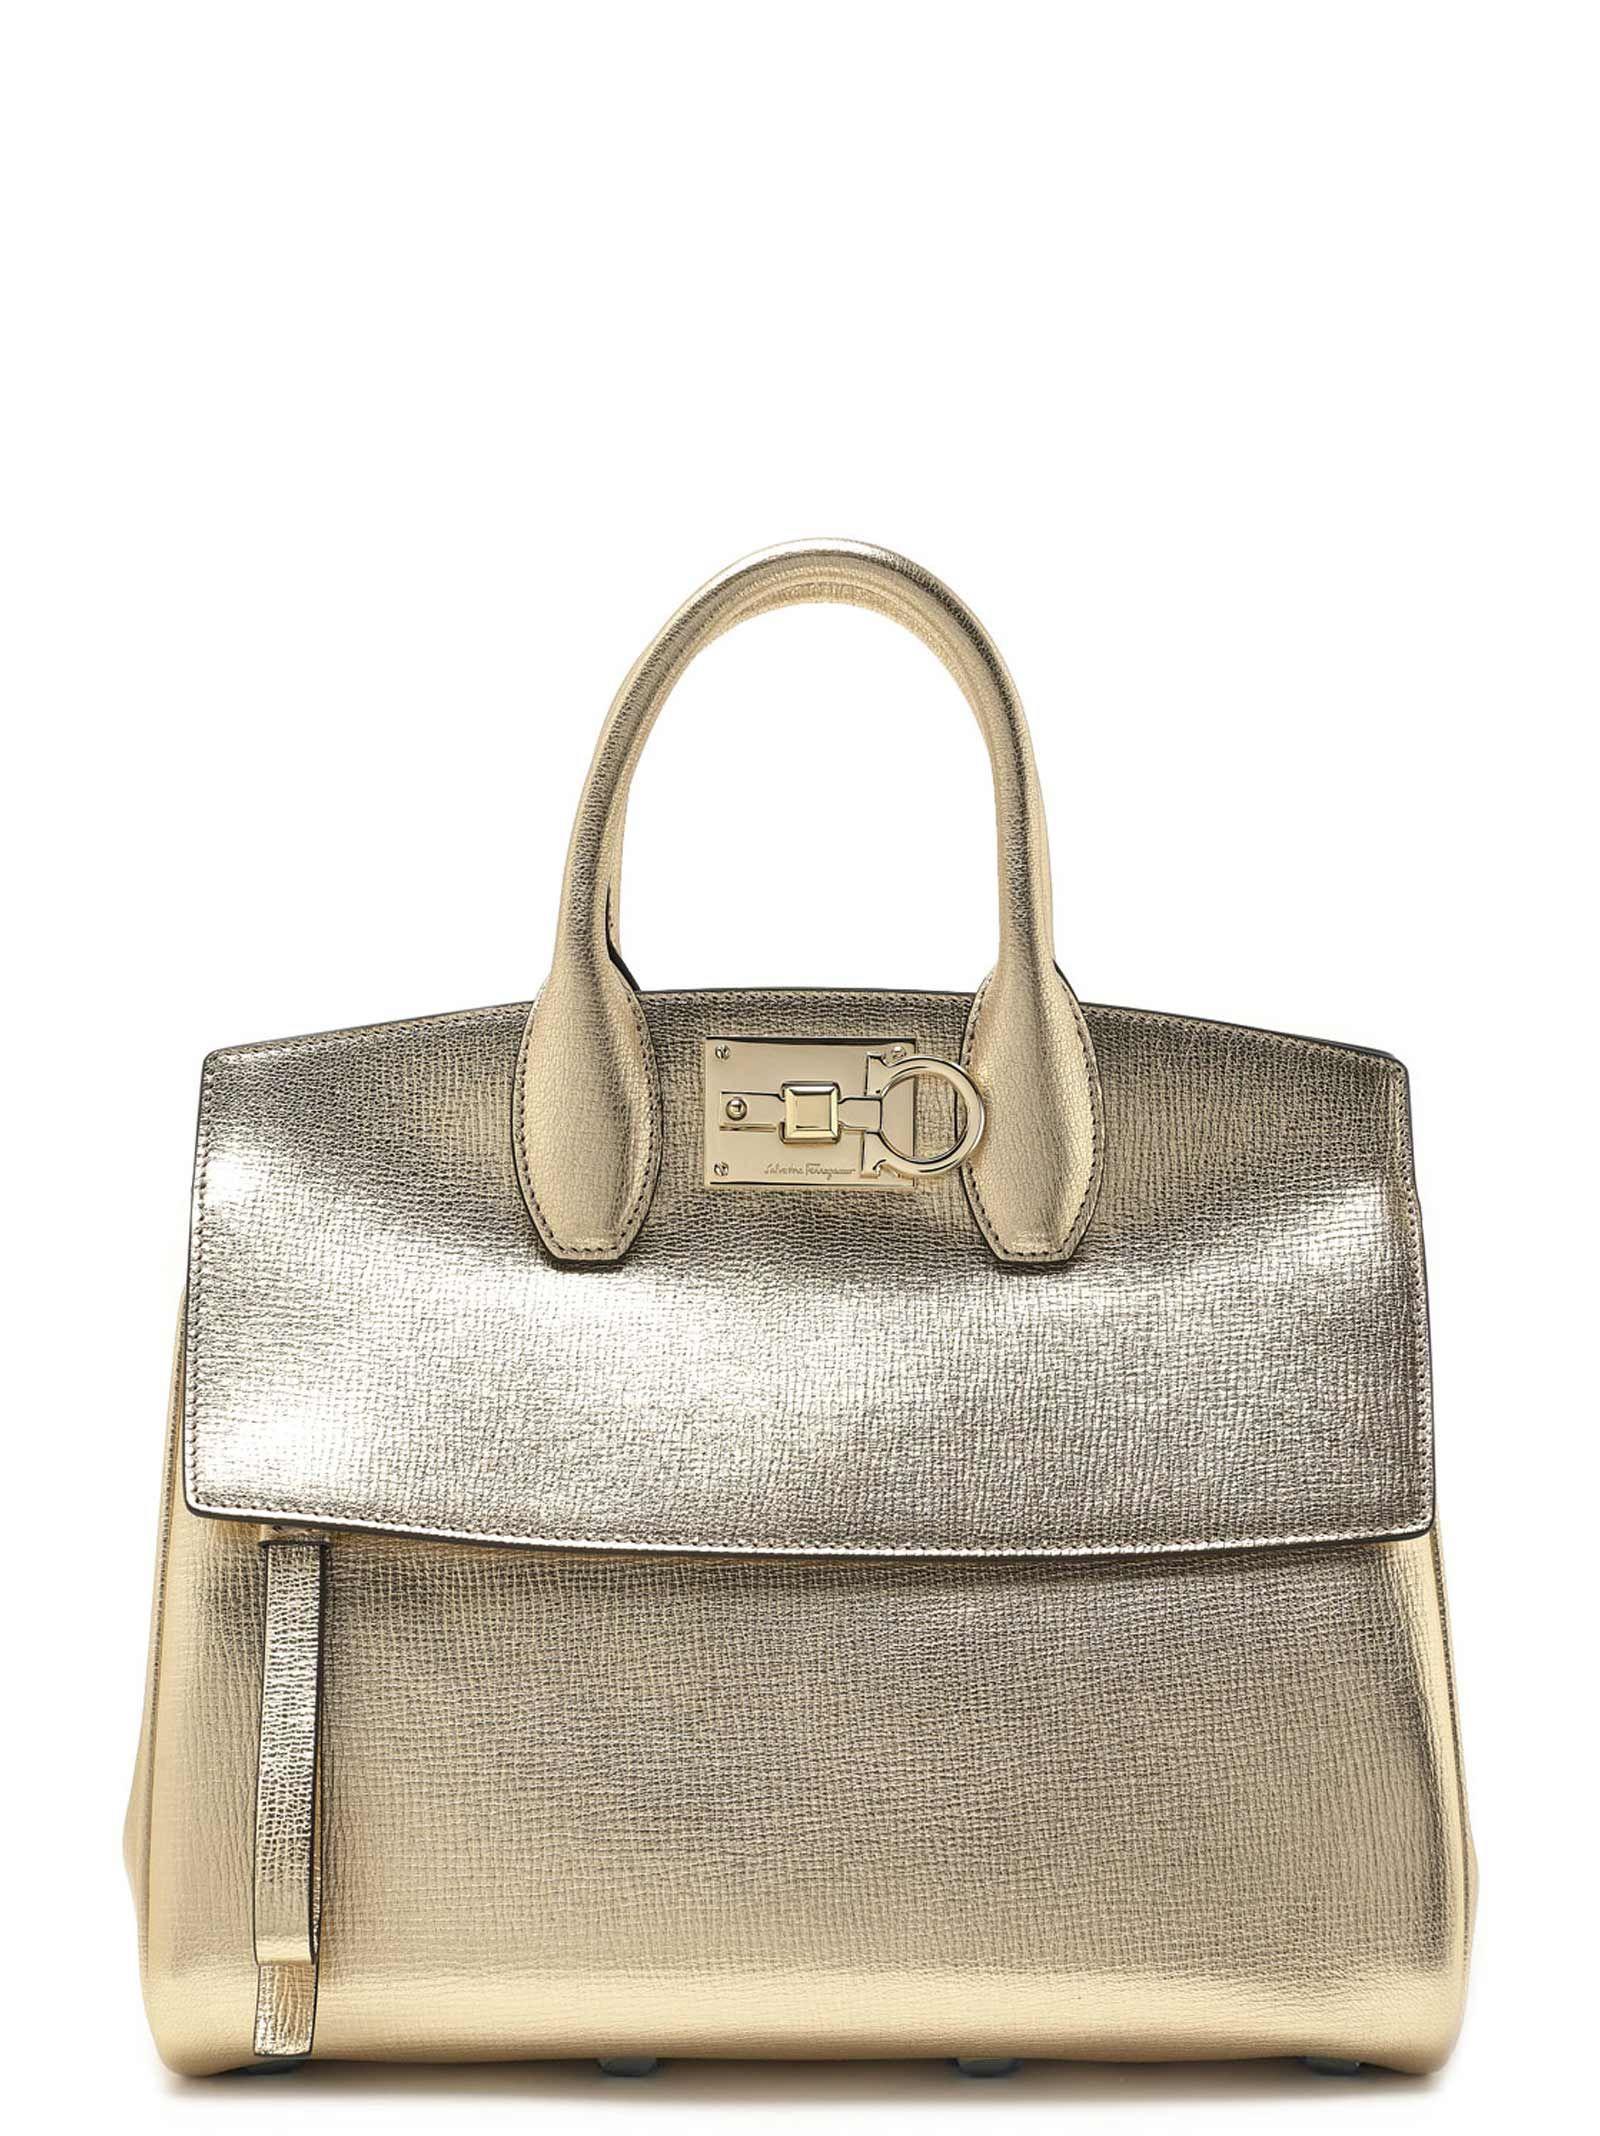 ee4c96318d Salvatore Ferragamo Salvatore Ferragamo  the Studio  Bag - Gold ...